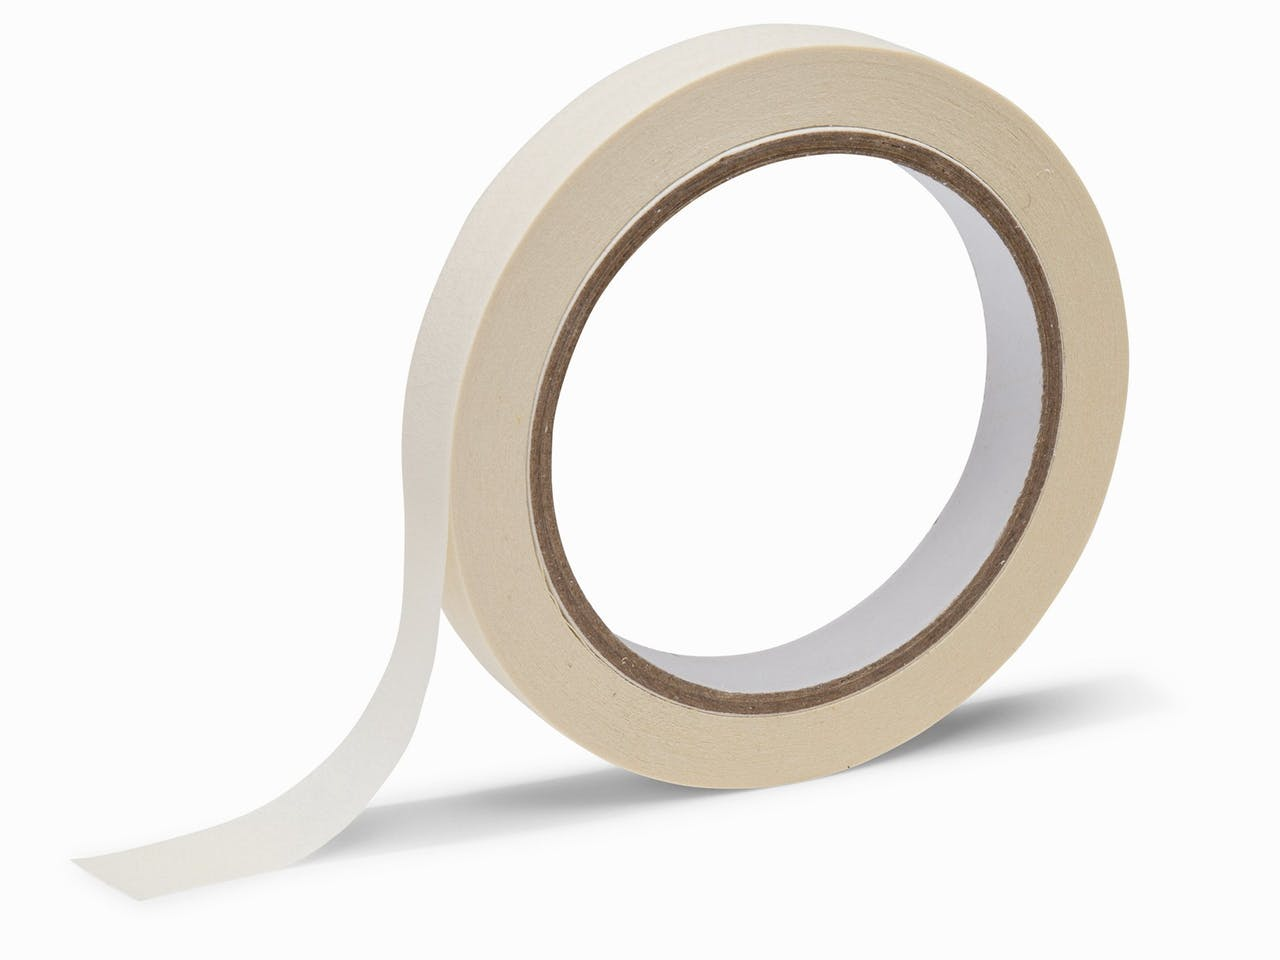 Design Kreppband für Tape Art, 15 mm, 25 m, einfach repositionierbar, weiß